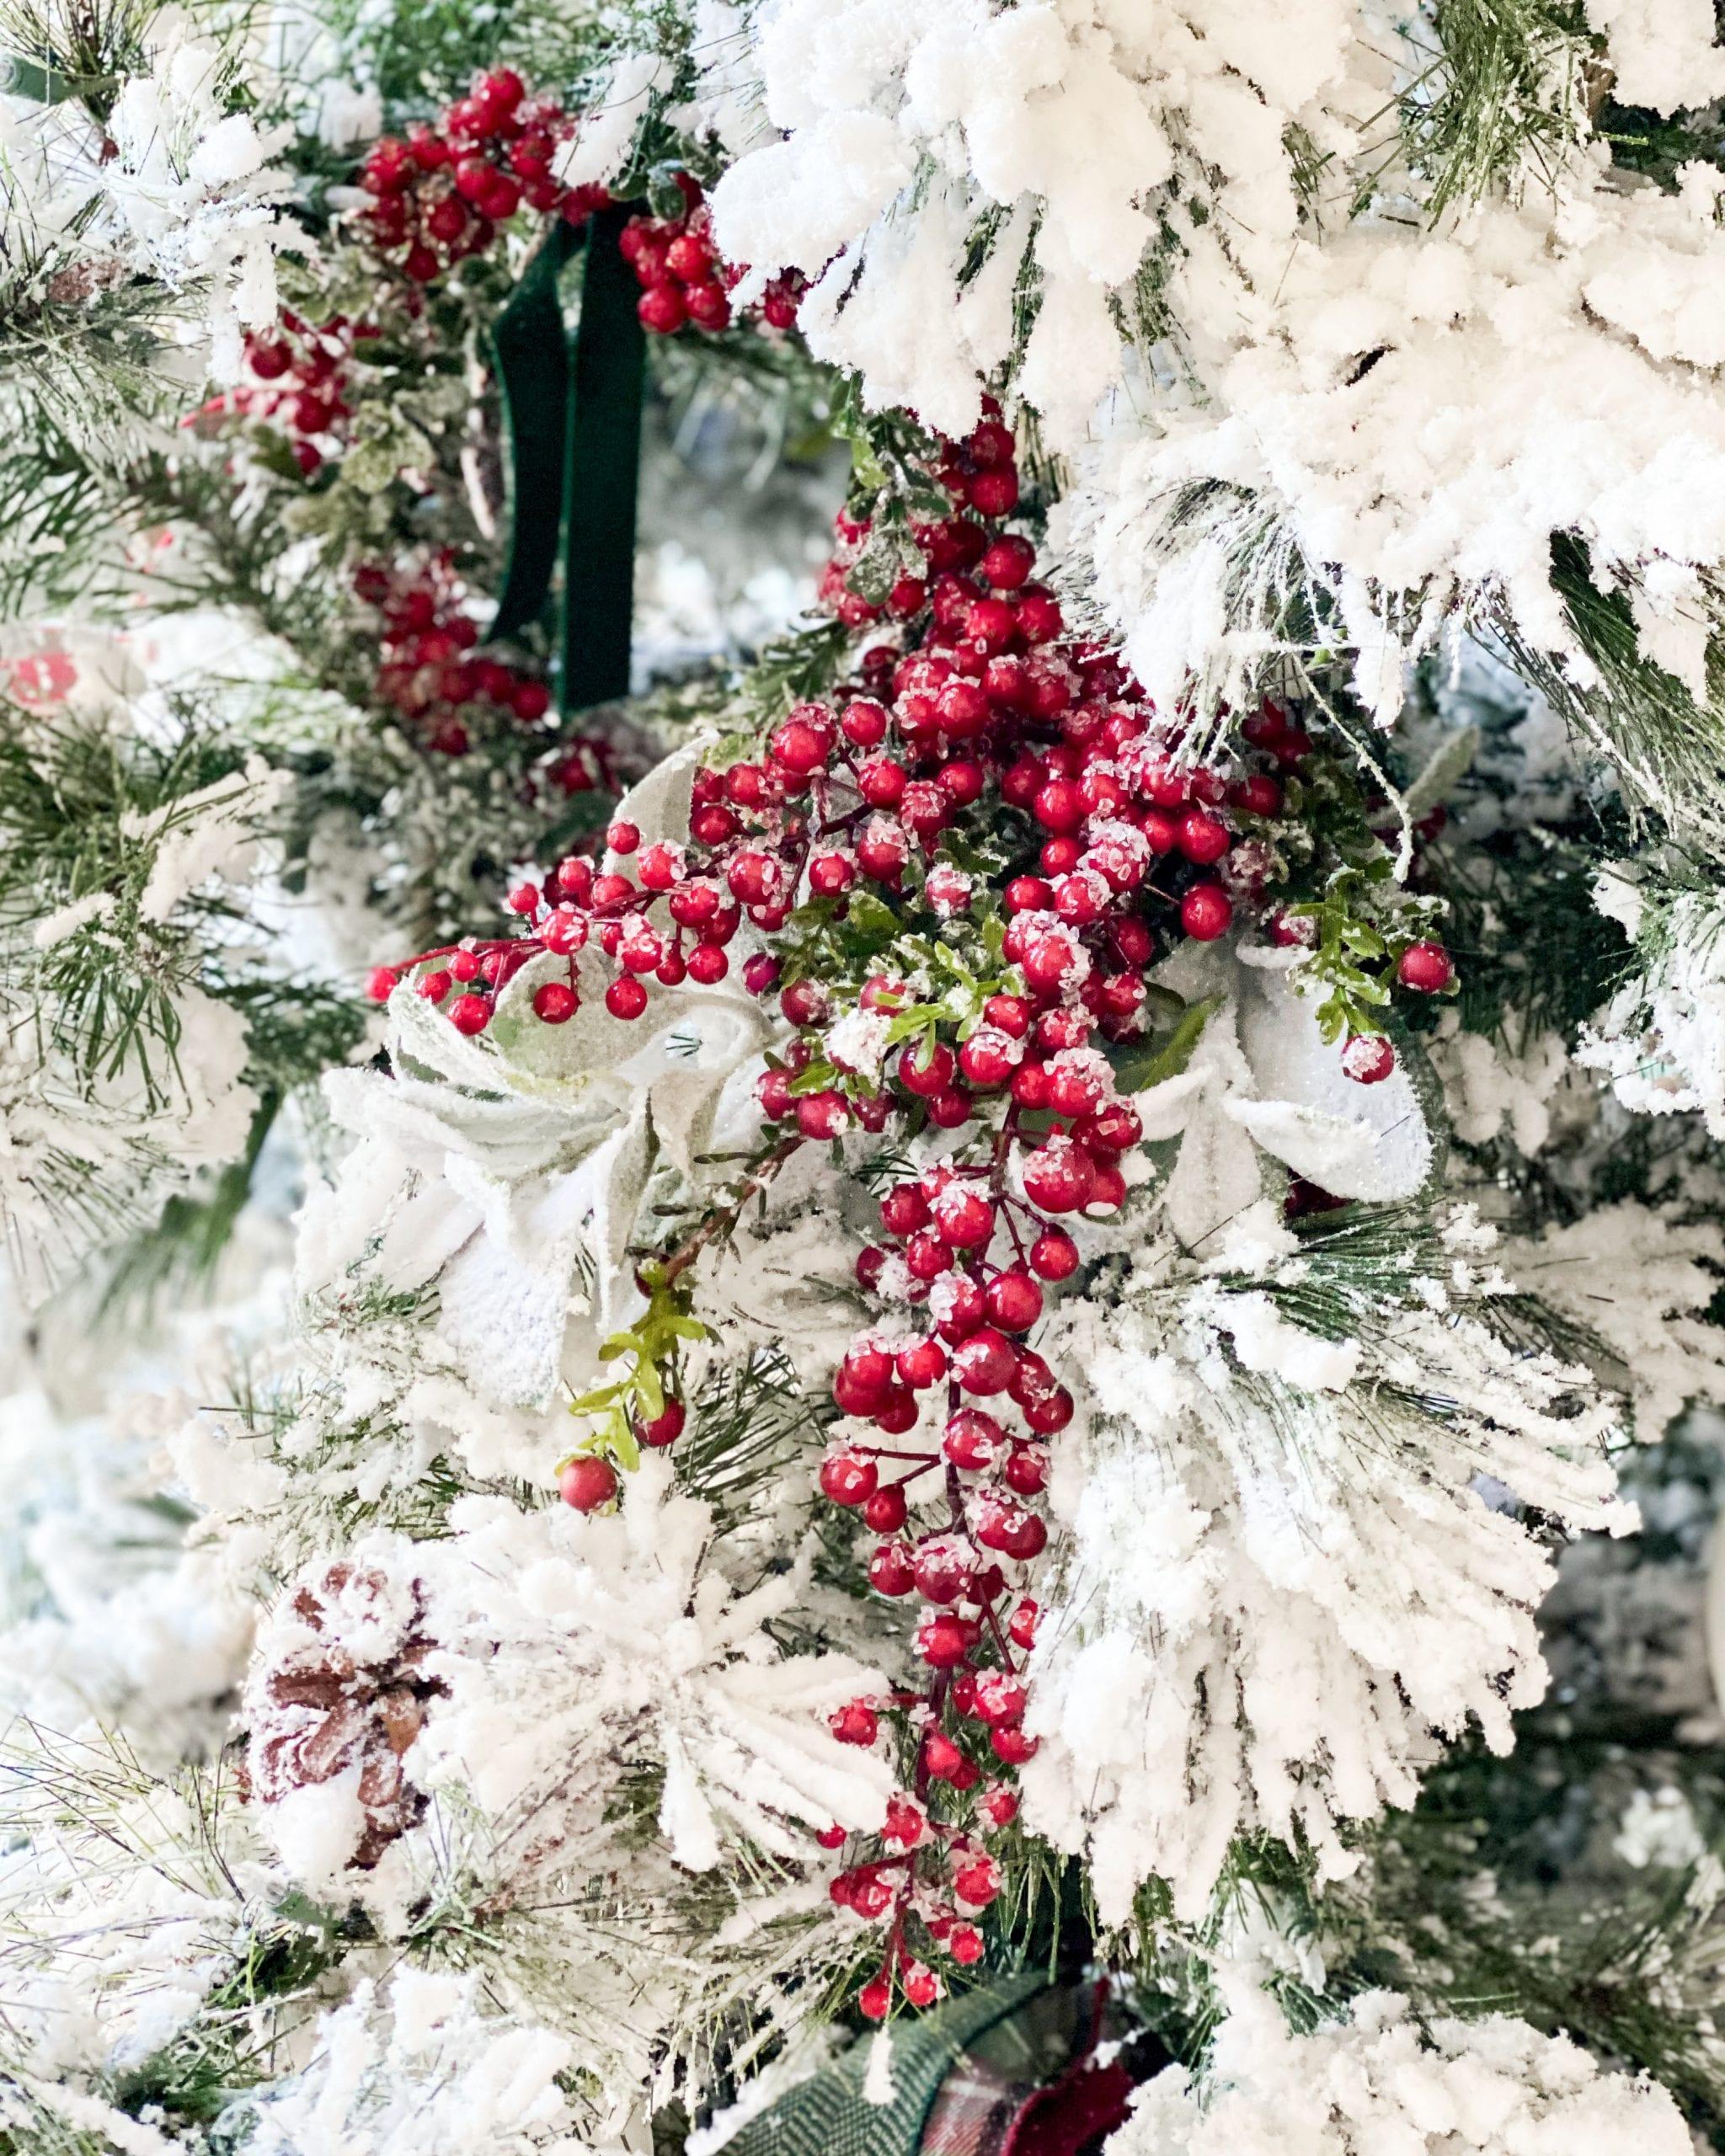 Christmas tree red berries